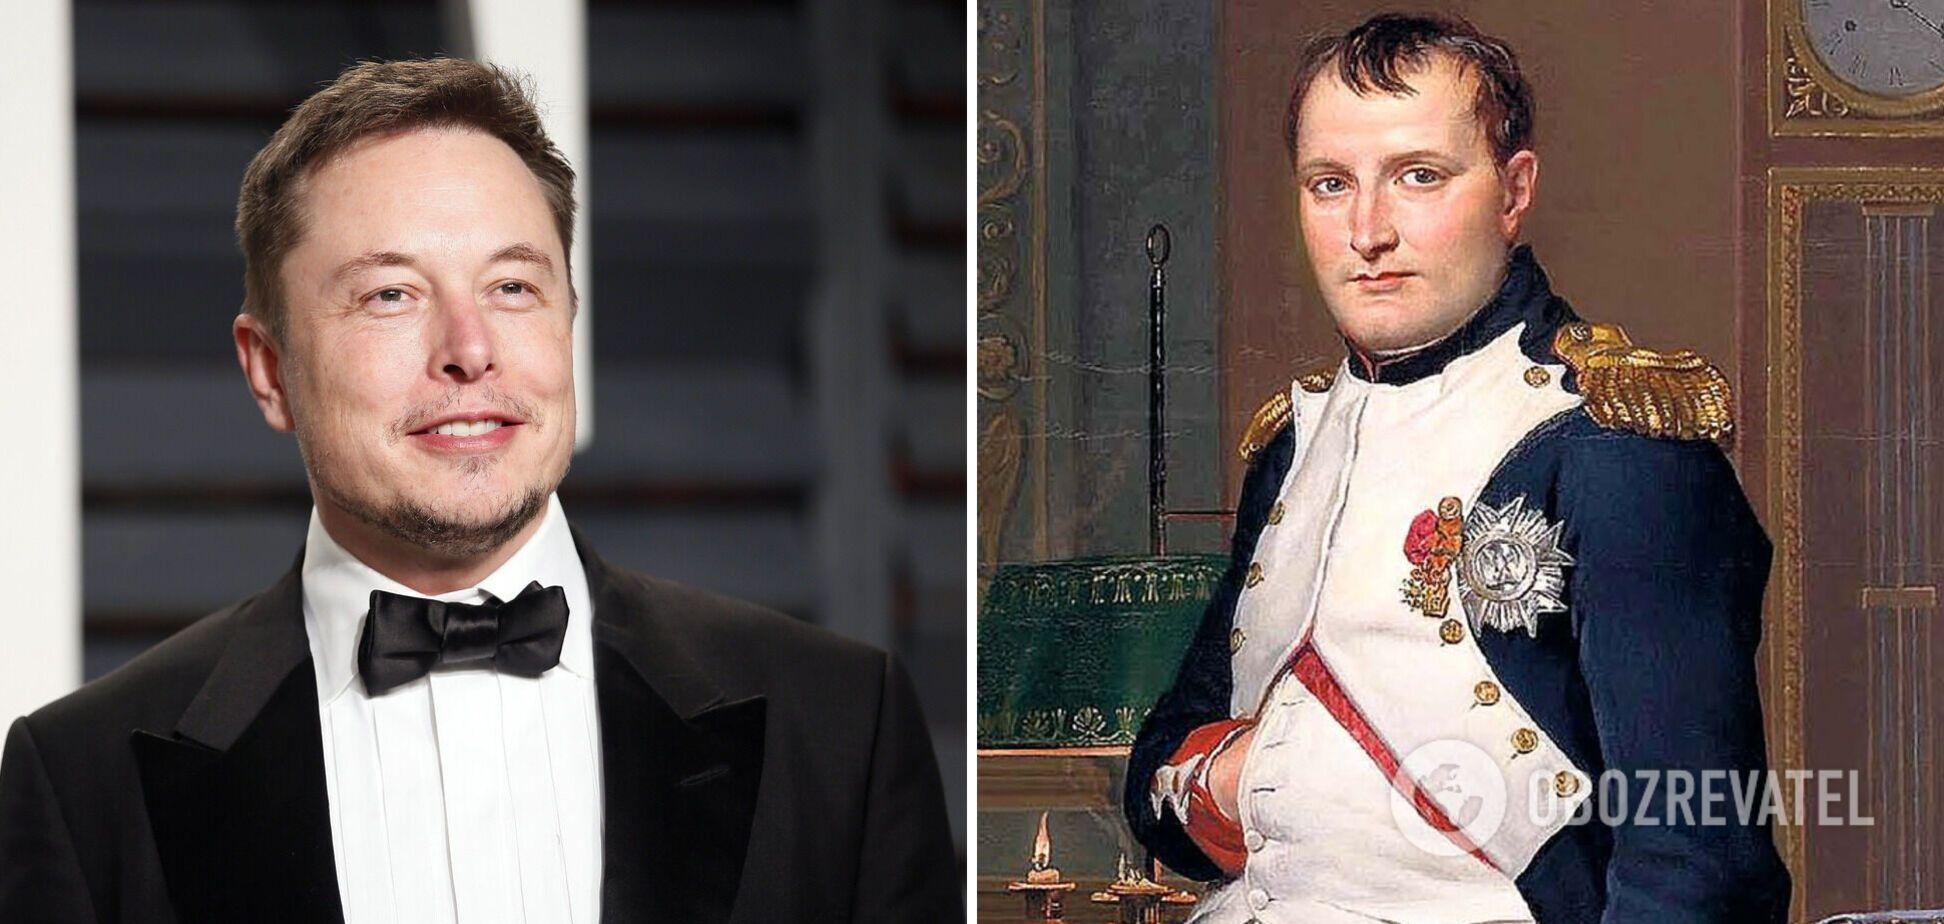 Ілон Маск пожартував про вторгнення Наполеона в Росію: час вирішує все